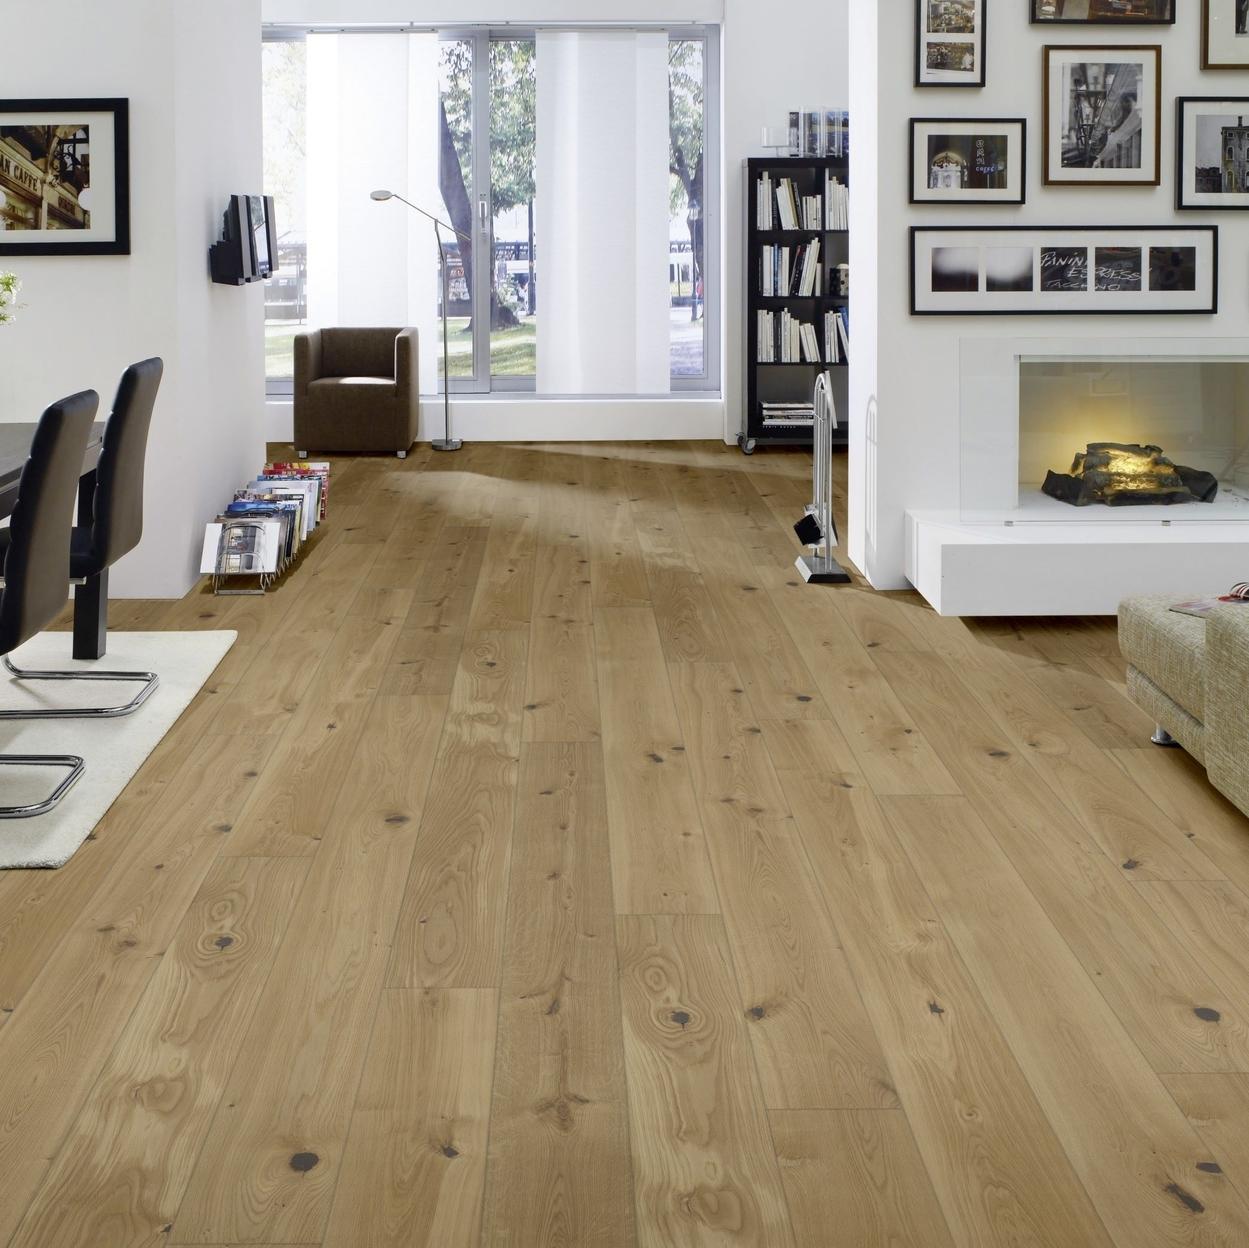 hori parkett 300 eiche cottage landhausdiele 1 stab mit fase versiegelt ebay. Black Bedroom Furniture Sets. Home Design Ideas